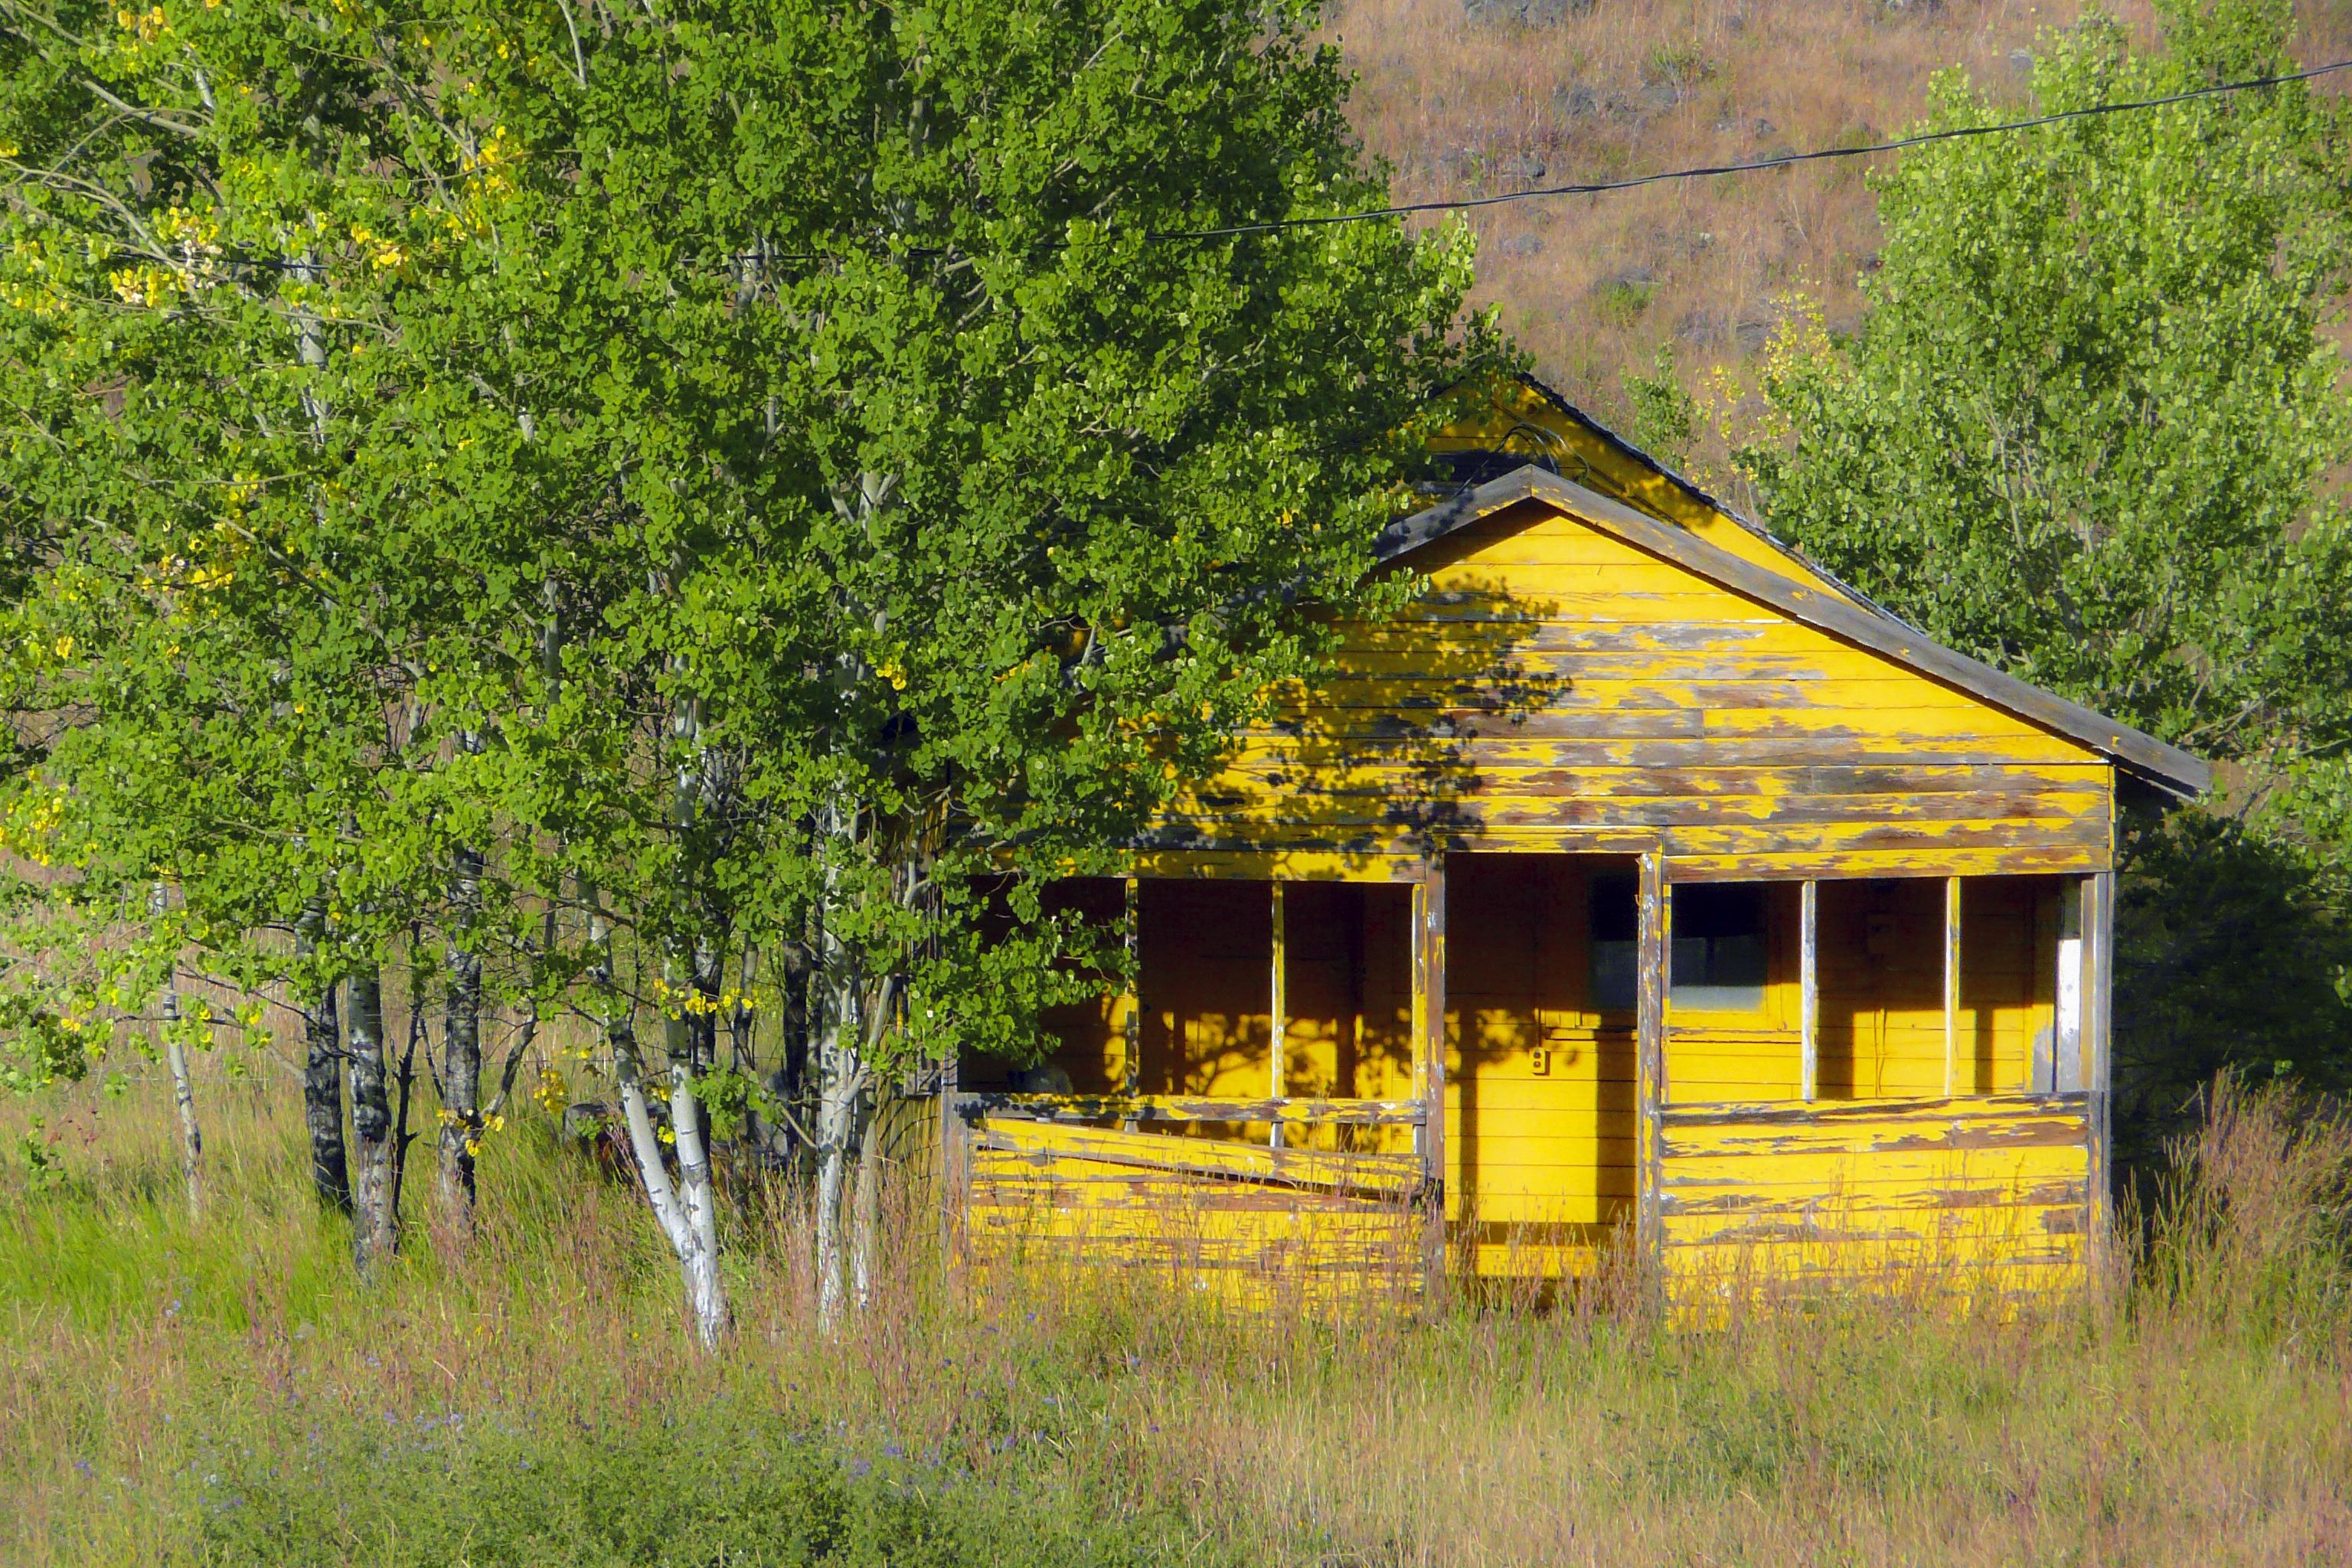 Images Gratuites : paysage, arbre, ferme, maison, bâtiment, cabane ...